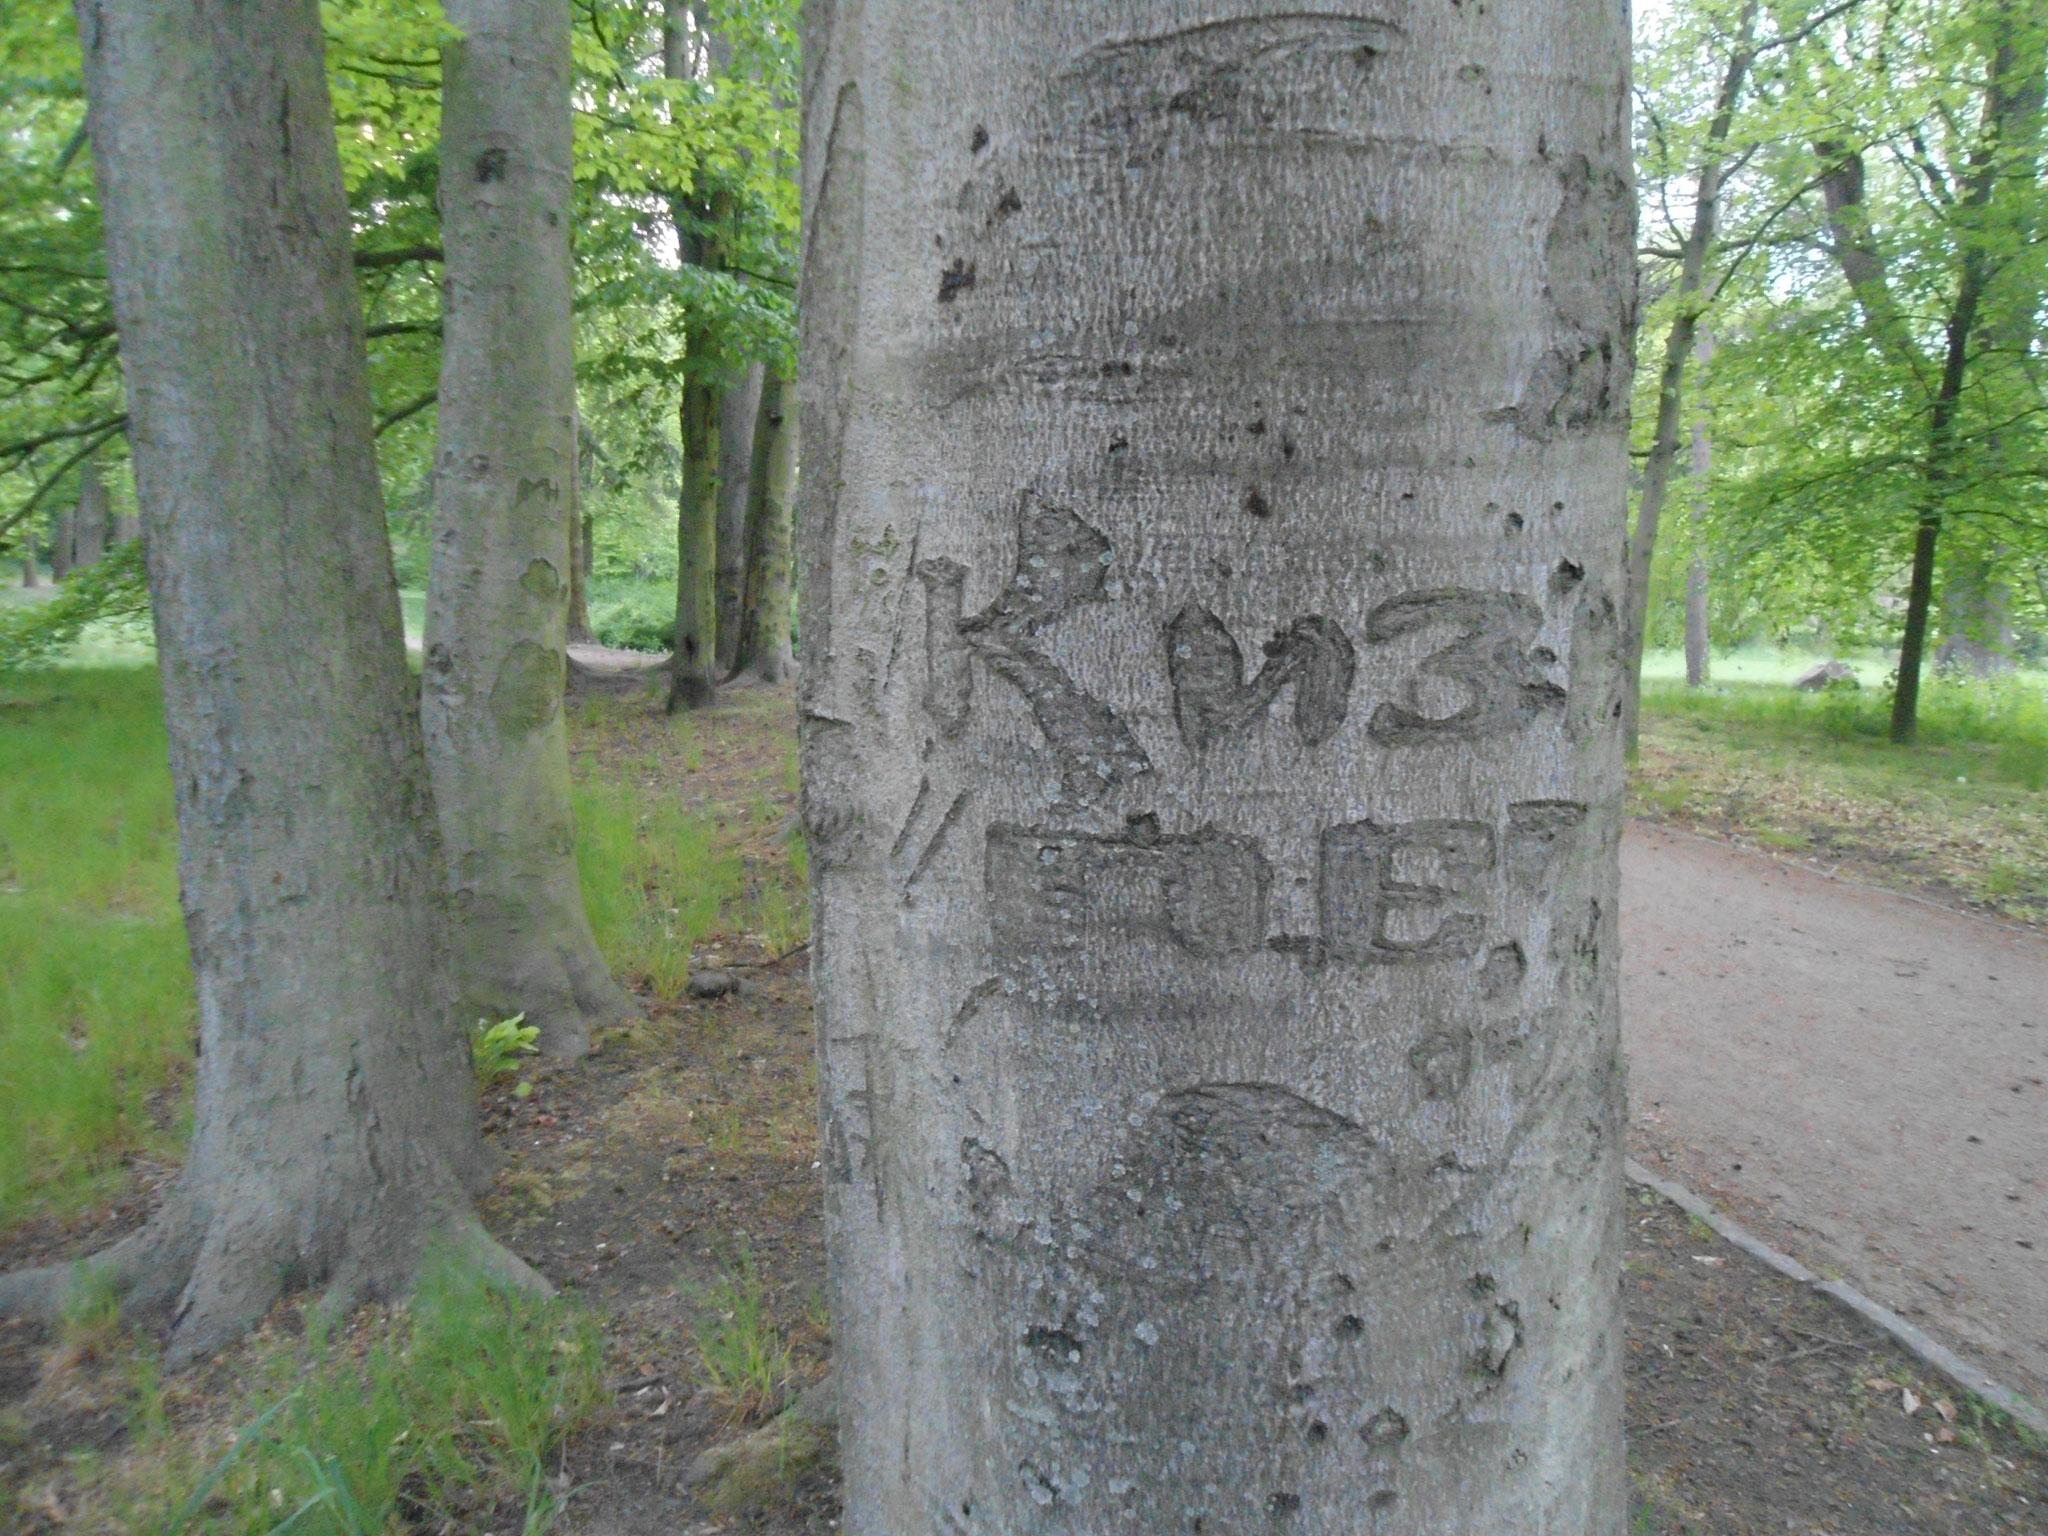 """Außerdem zeugen heute noch in alte Linden geschnitzte kyrillische Buchstaben vom ehemaligen """"Notfriedhof"""" der Sowjetischen Militäradministration. © Heinrich Niemann"""